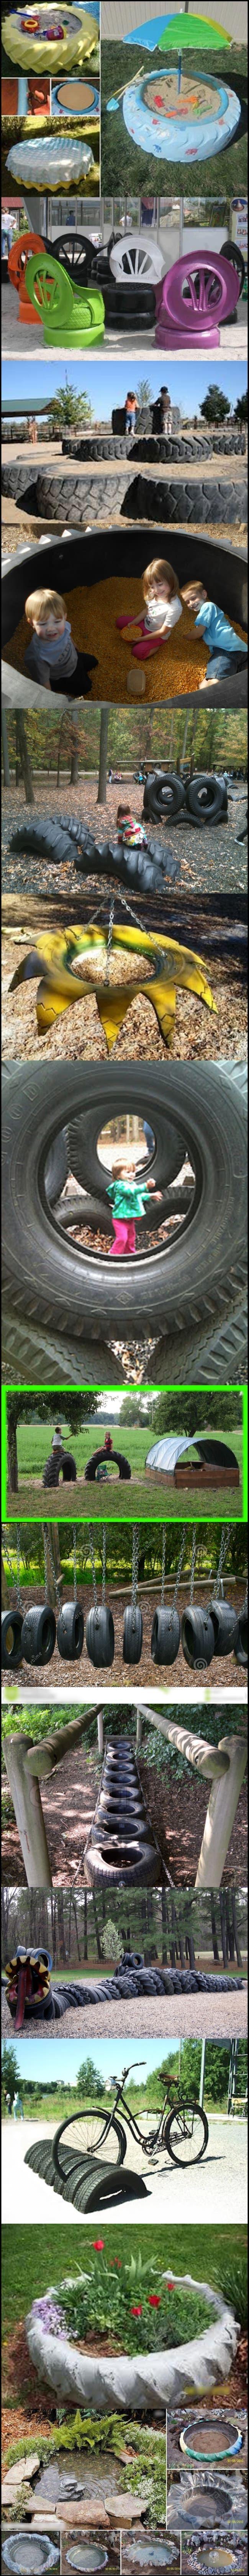 tire ideas 29 best images